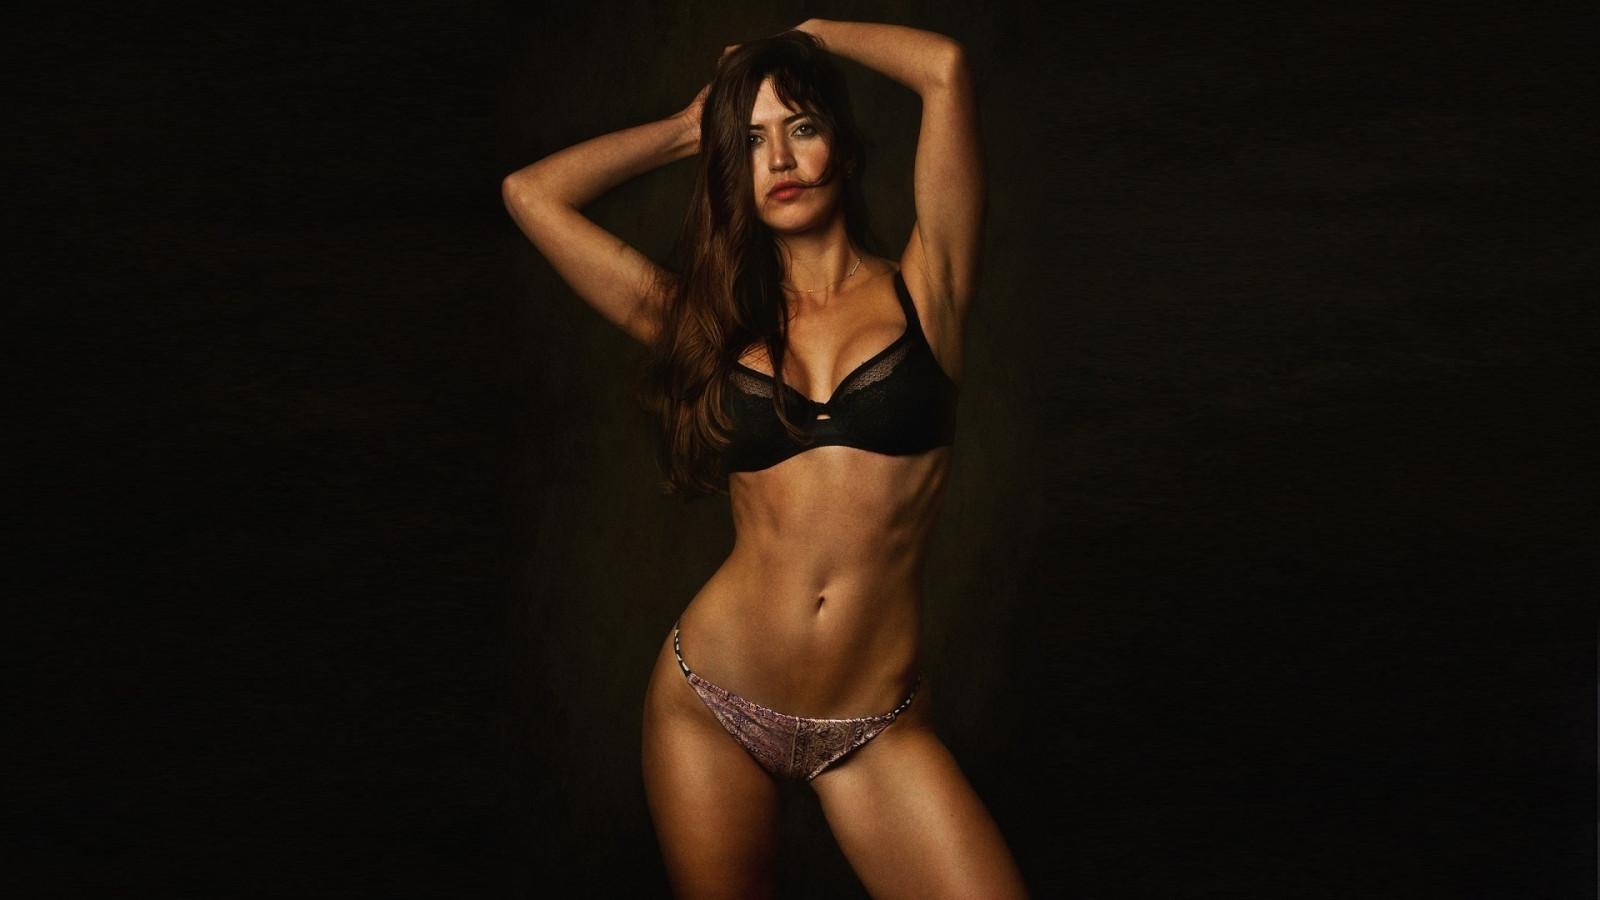 женщины стриптиз модель с идеальным телом такой обстановке